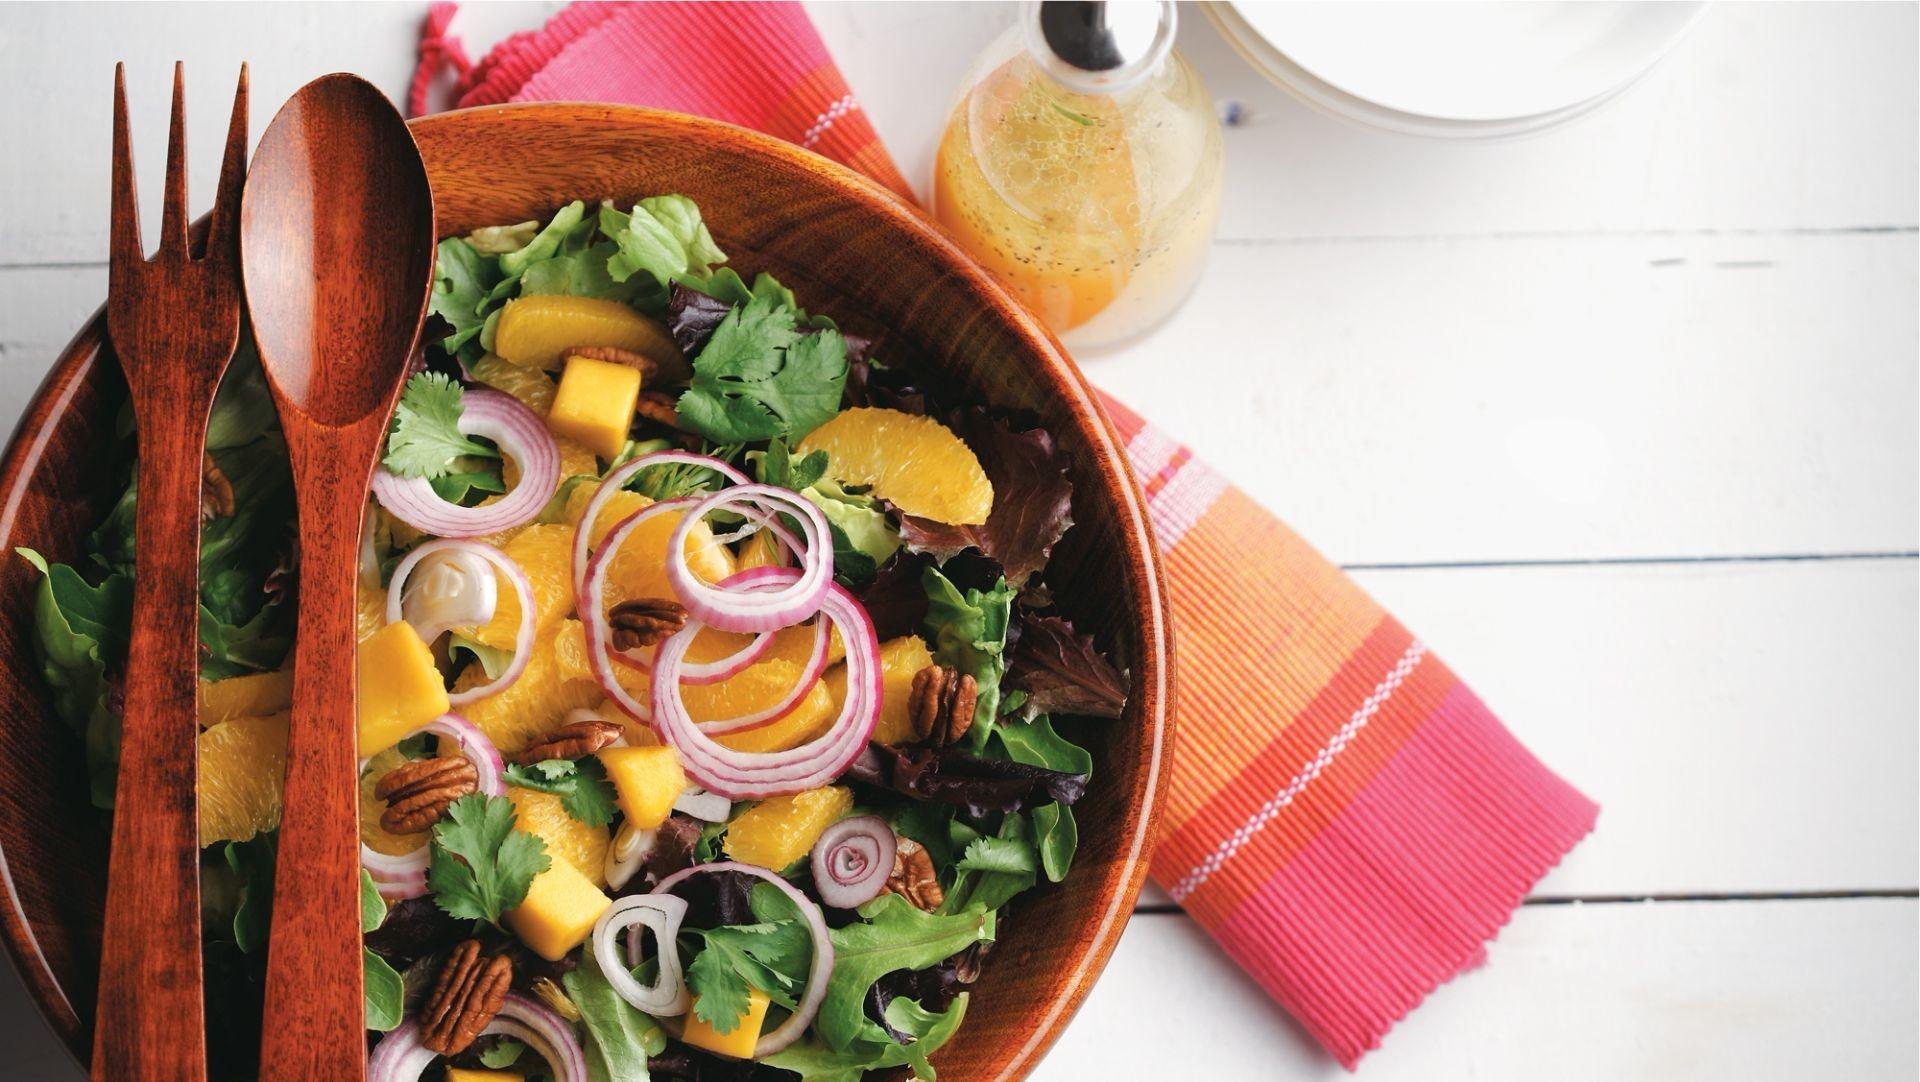 Salade de mesclun, mangue et noix de pacane dans un bol de bois avec utensiles de bois.